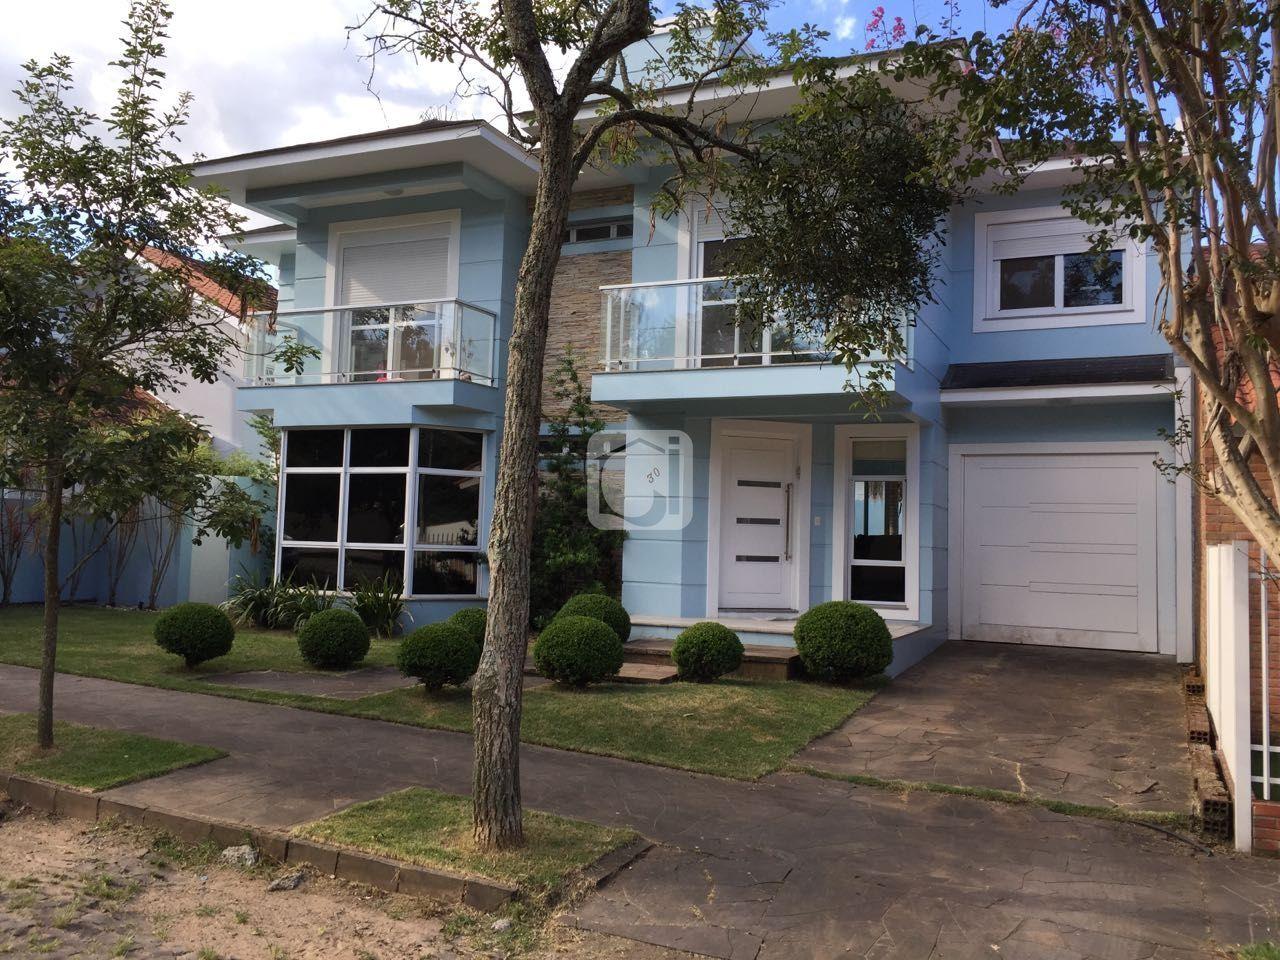 Casa com 4 Dormitórios à venda, 320 m² por R$ 1.750.000,00